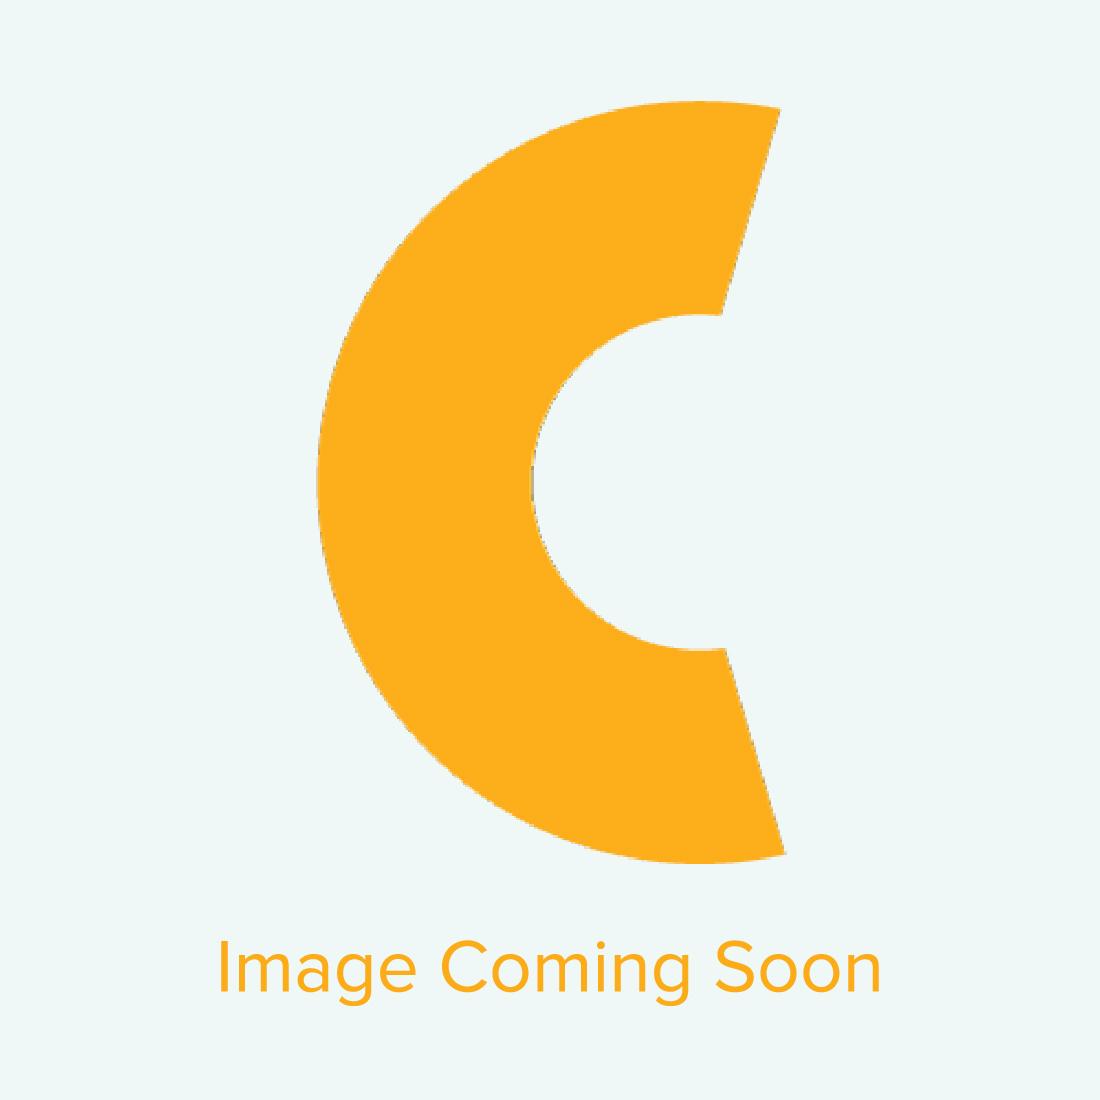 """Geo Knight Digital Clamshell Heat Press Machine (DK20 model) - 16"""" x 20"""""""